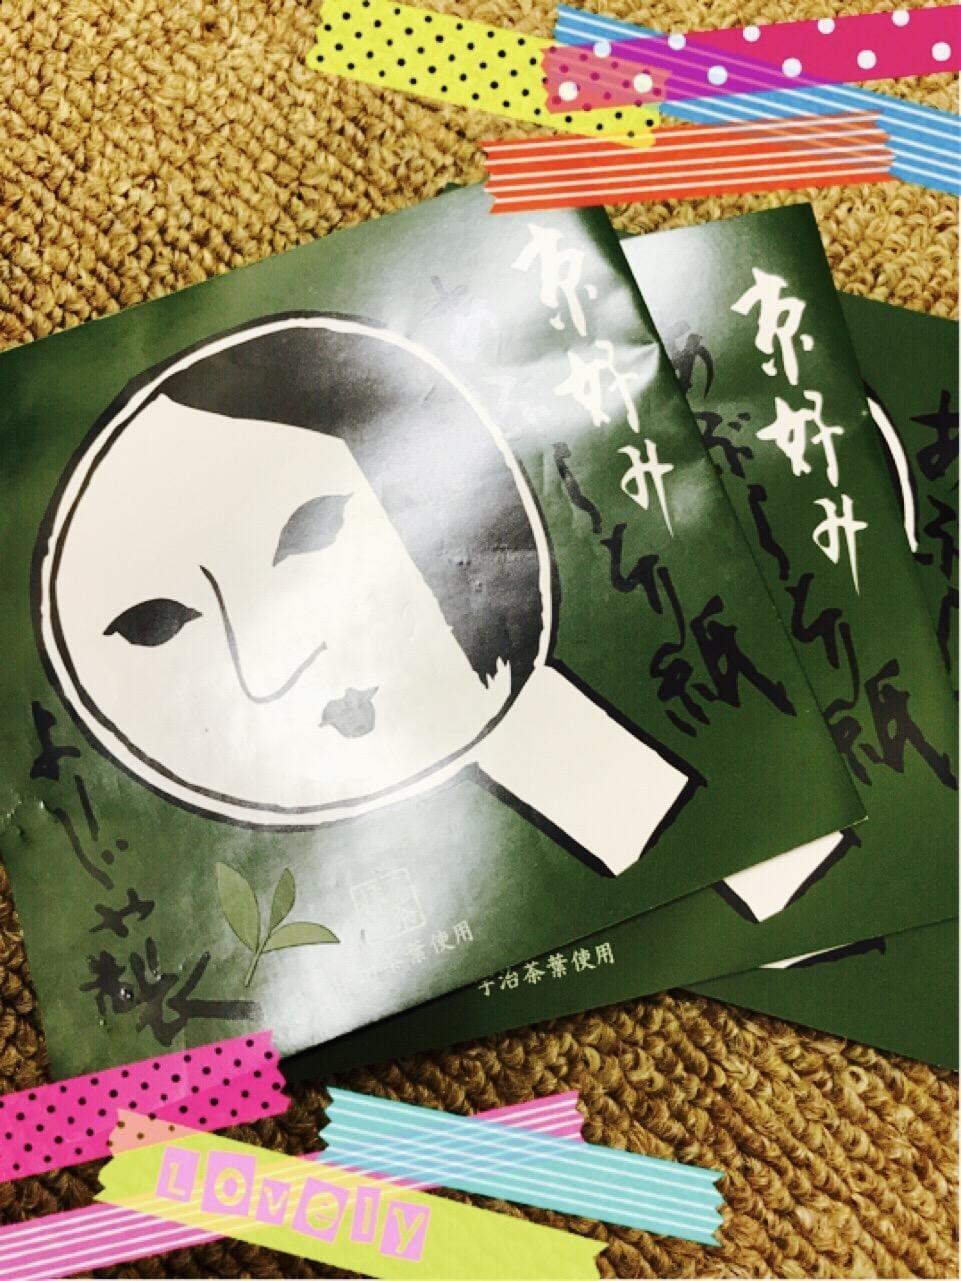 「よーじやといえば( ^ω^ )」04/16(金) 22:00 | 大塚 ゆみこの写メ・風俗動画